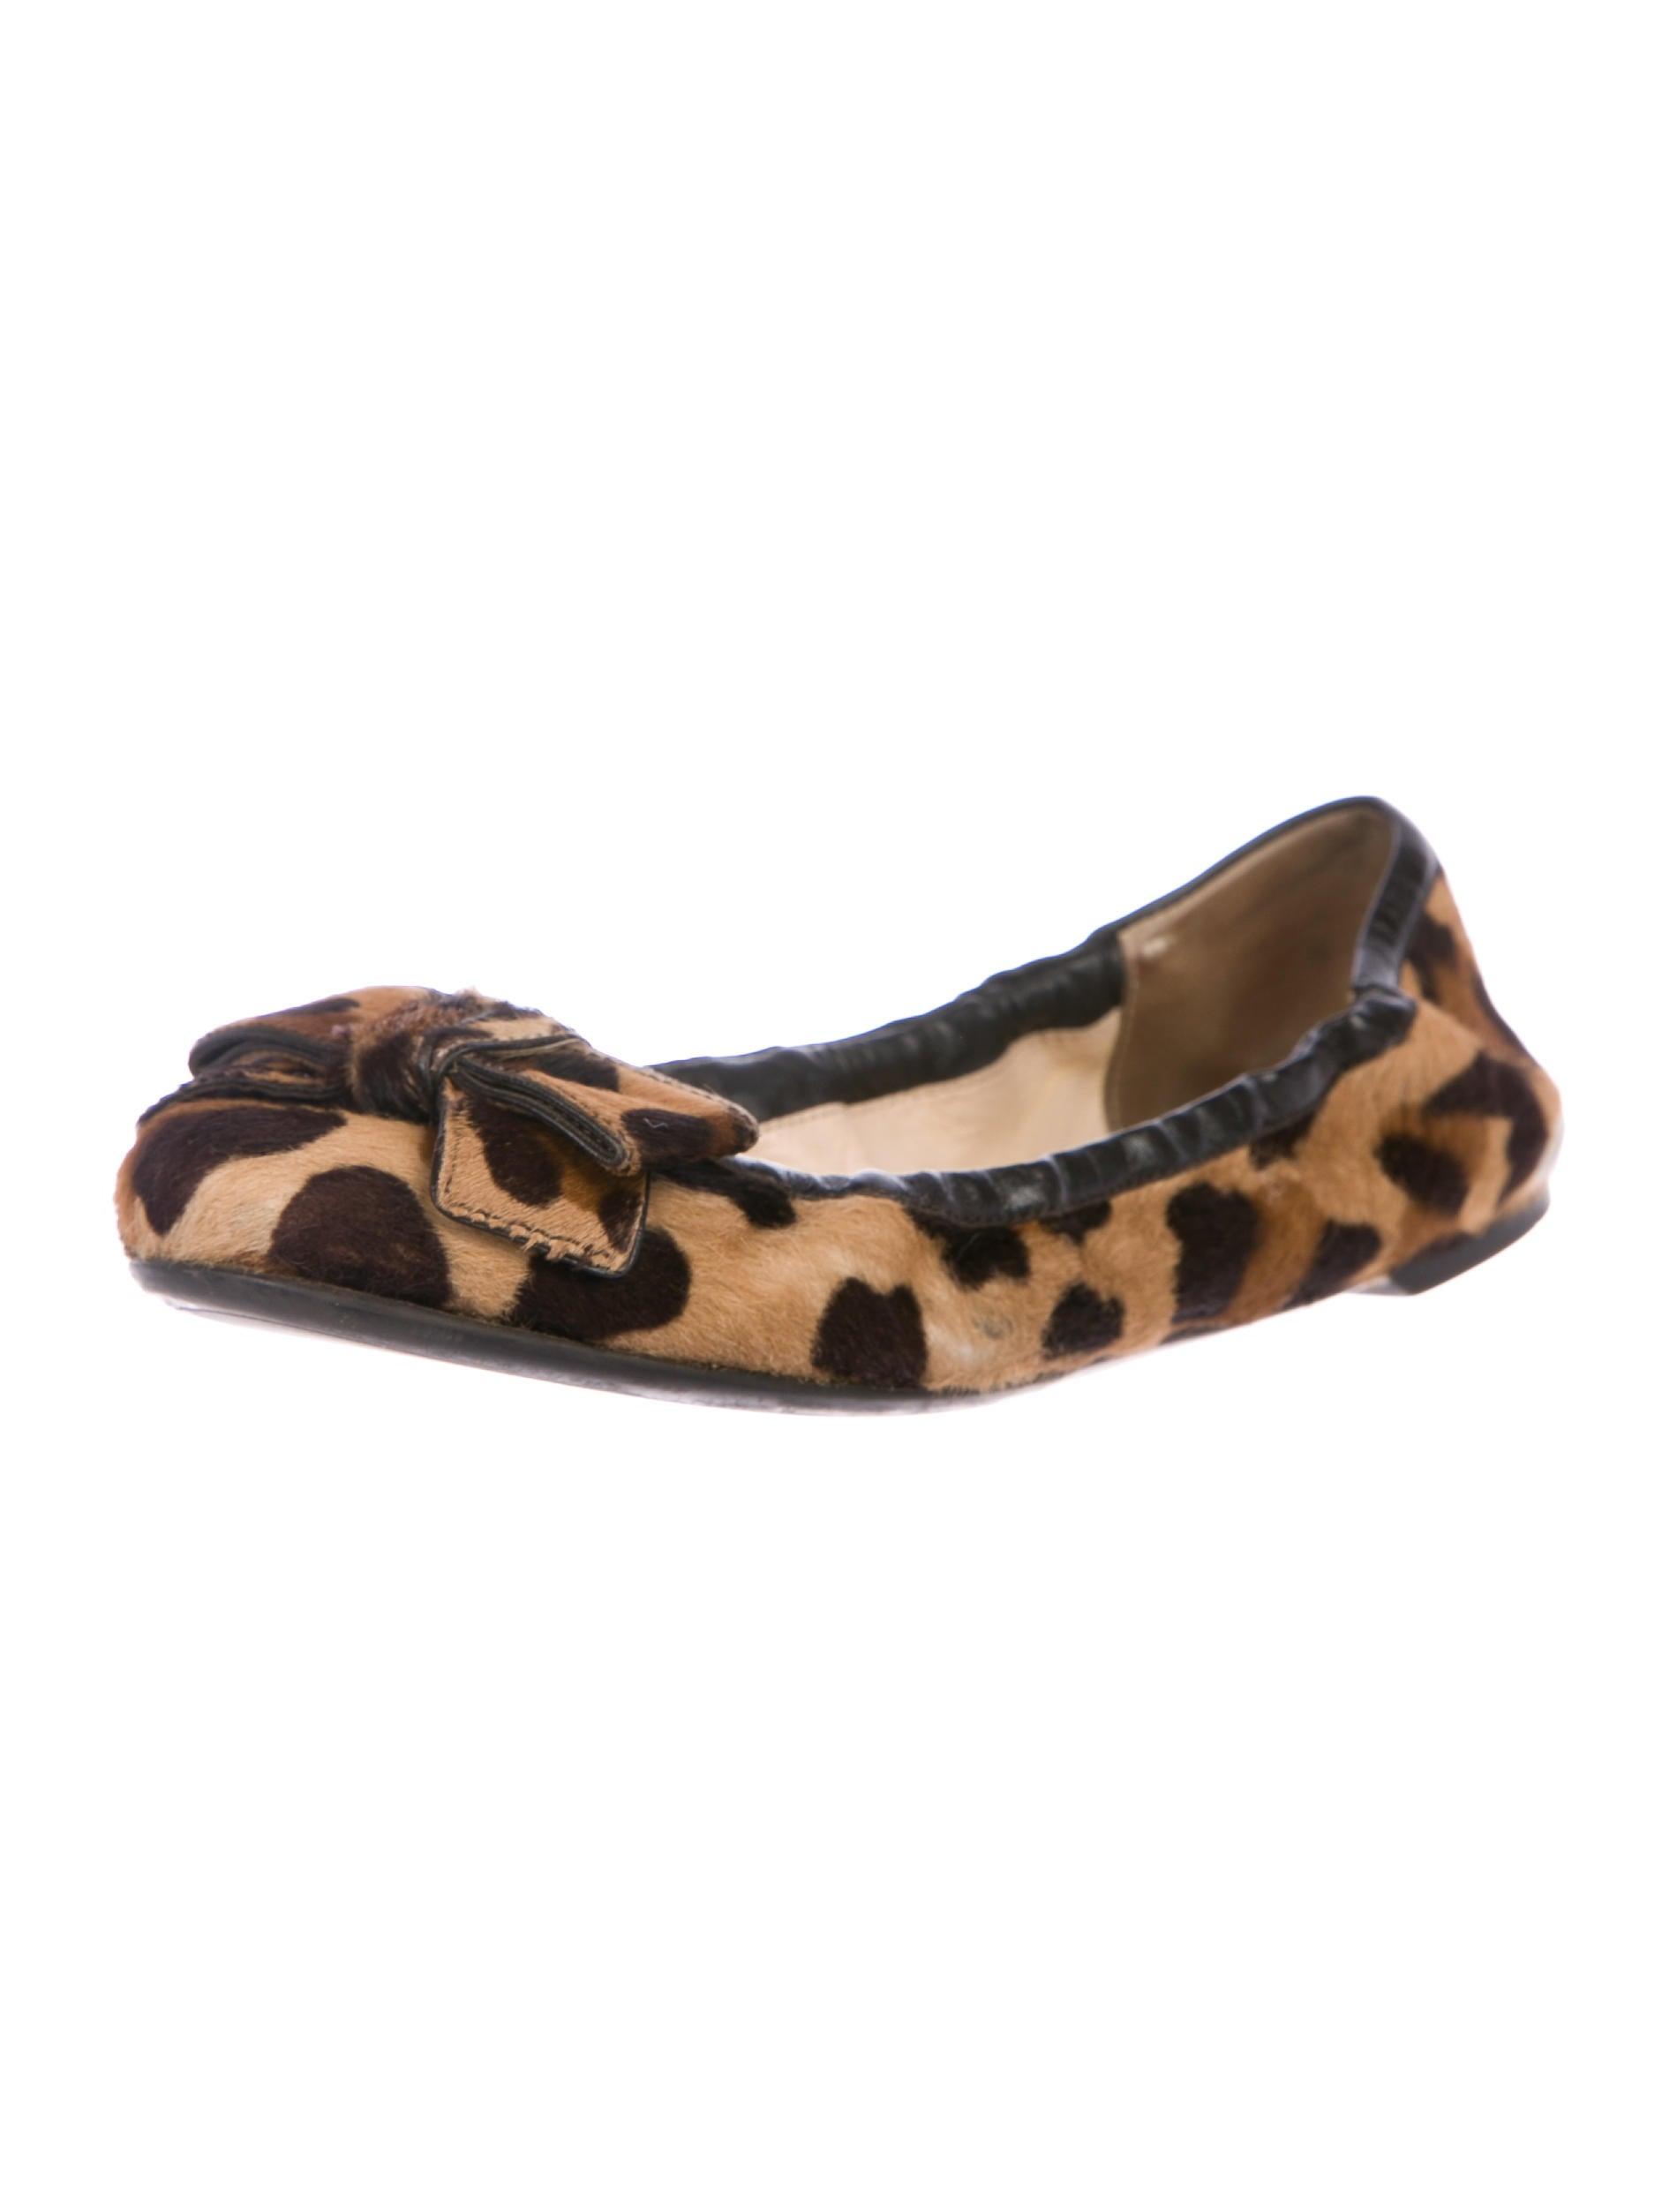 Prada Ponyhair Round Round Ponyhair Toe Flats Schuhes PRA220921   The RealReal a81b95